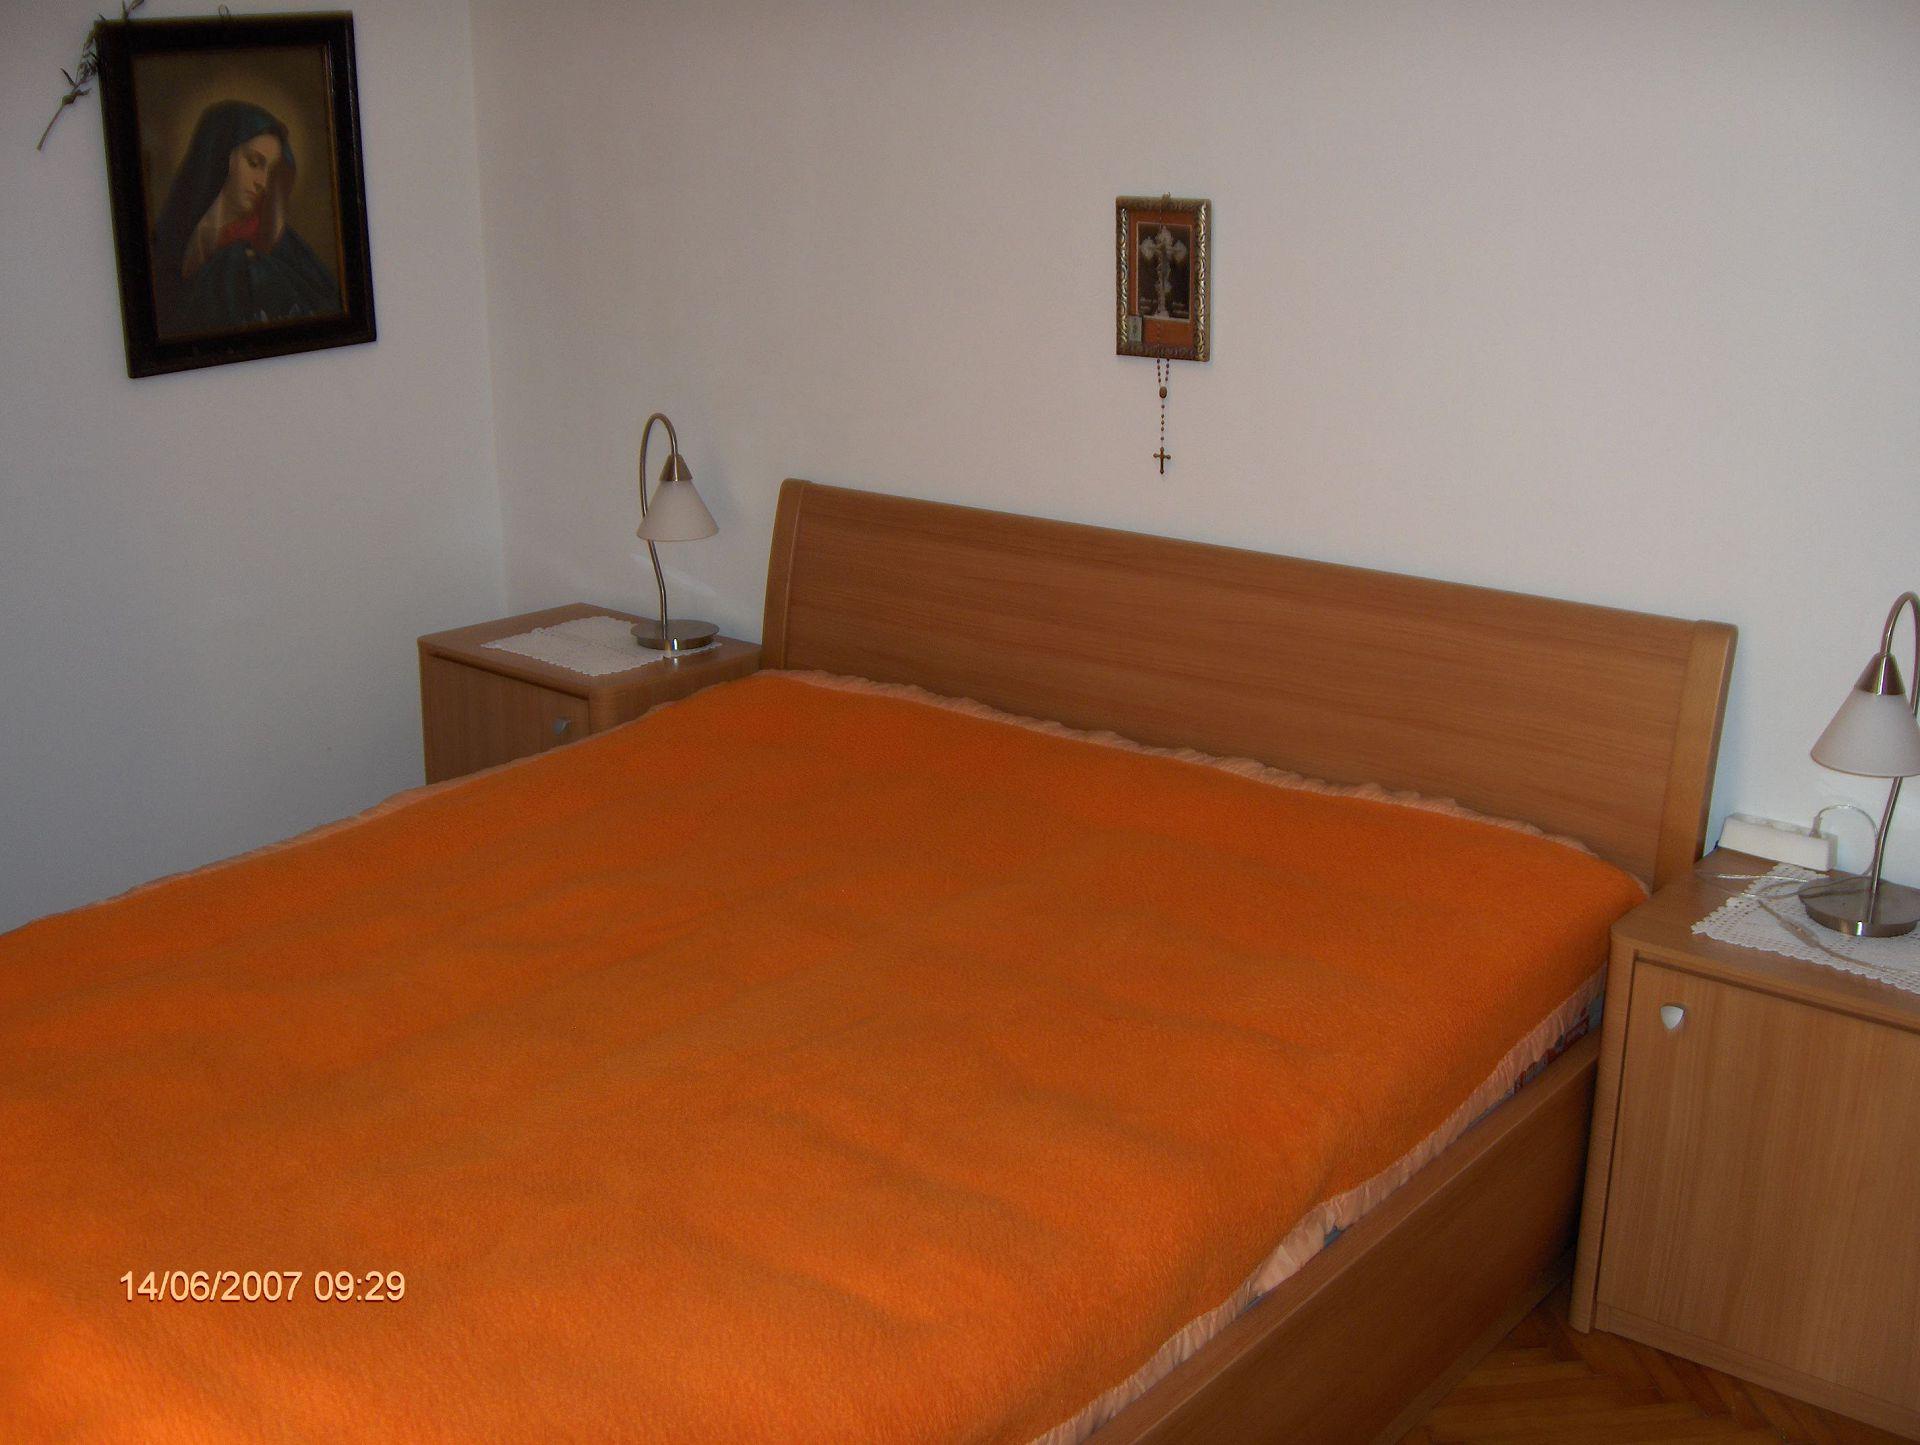 0203VRBO - Vrboska - Appartementen Kroatië - R2(2): slaapkamer